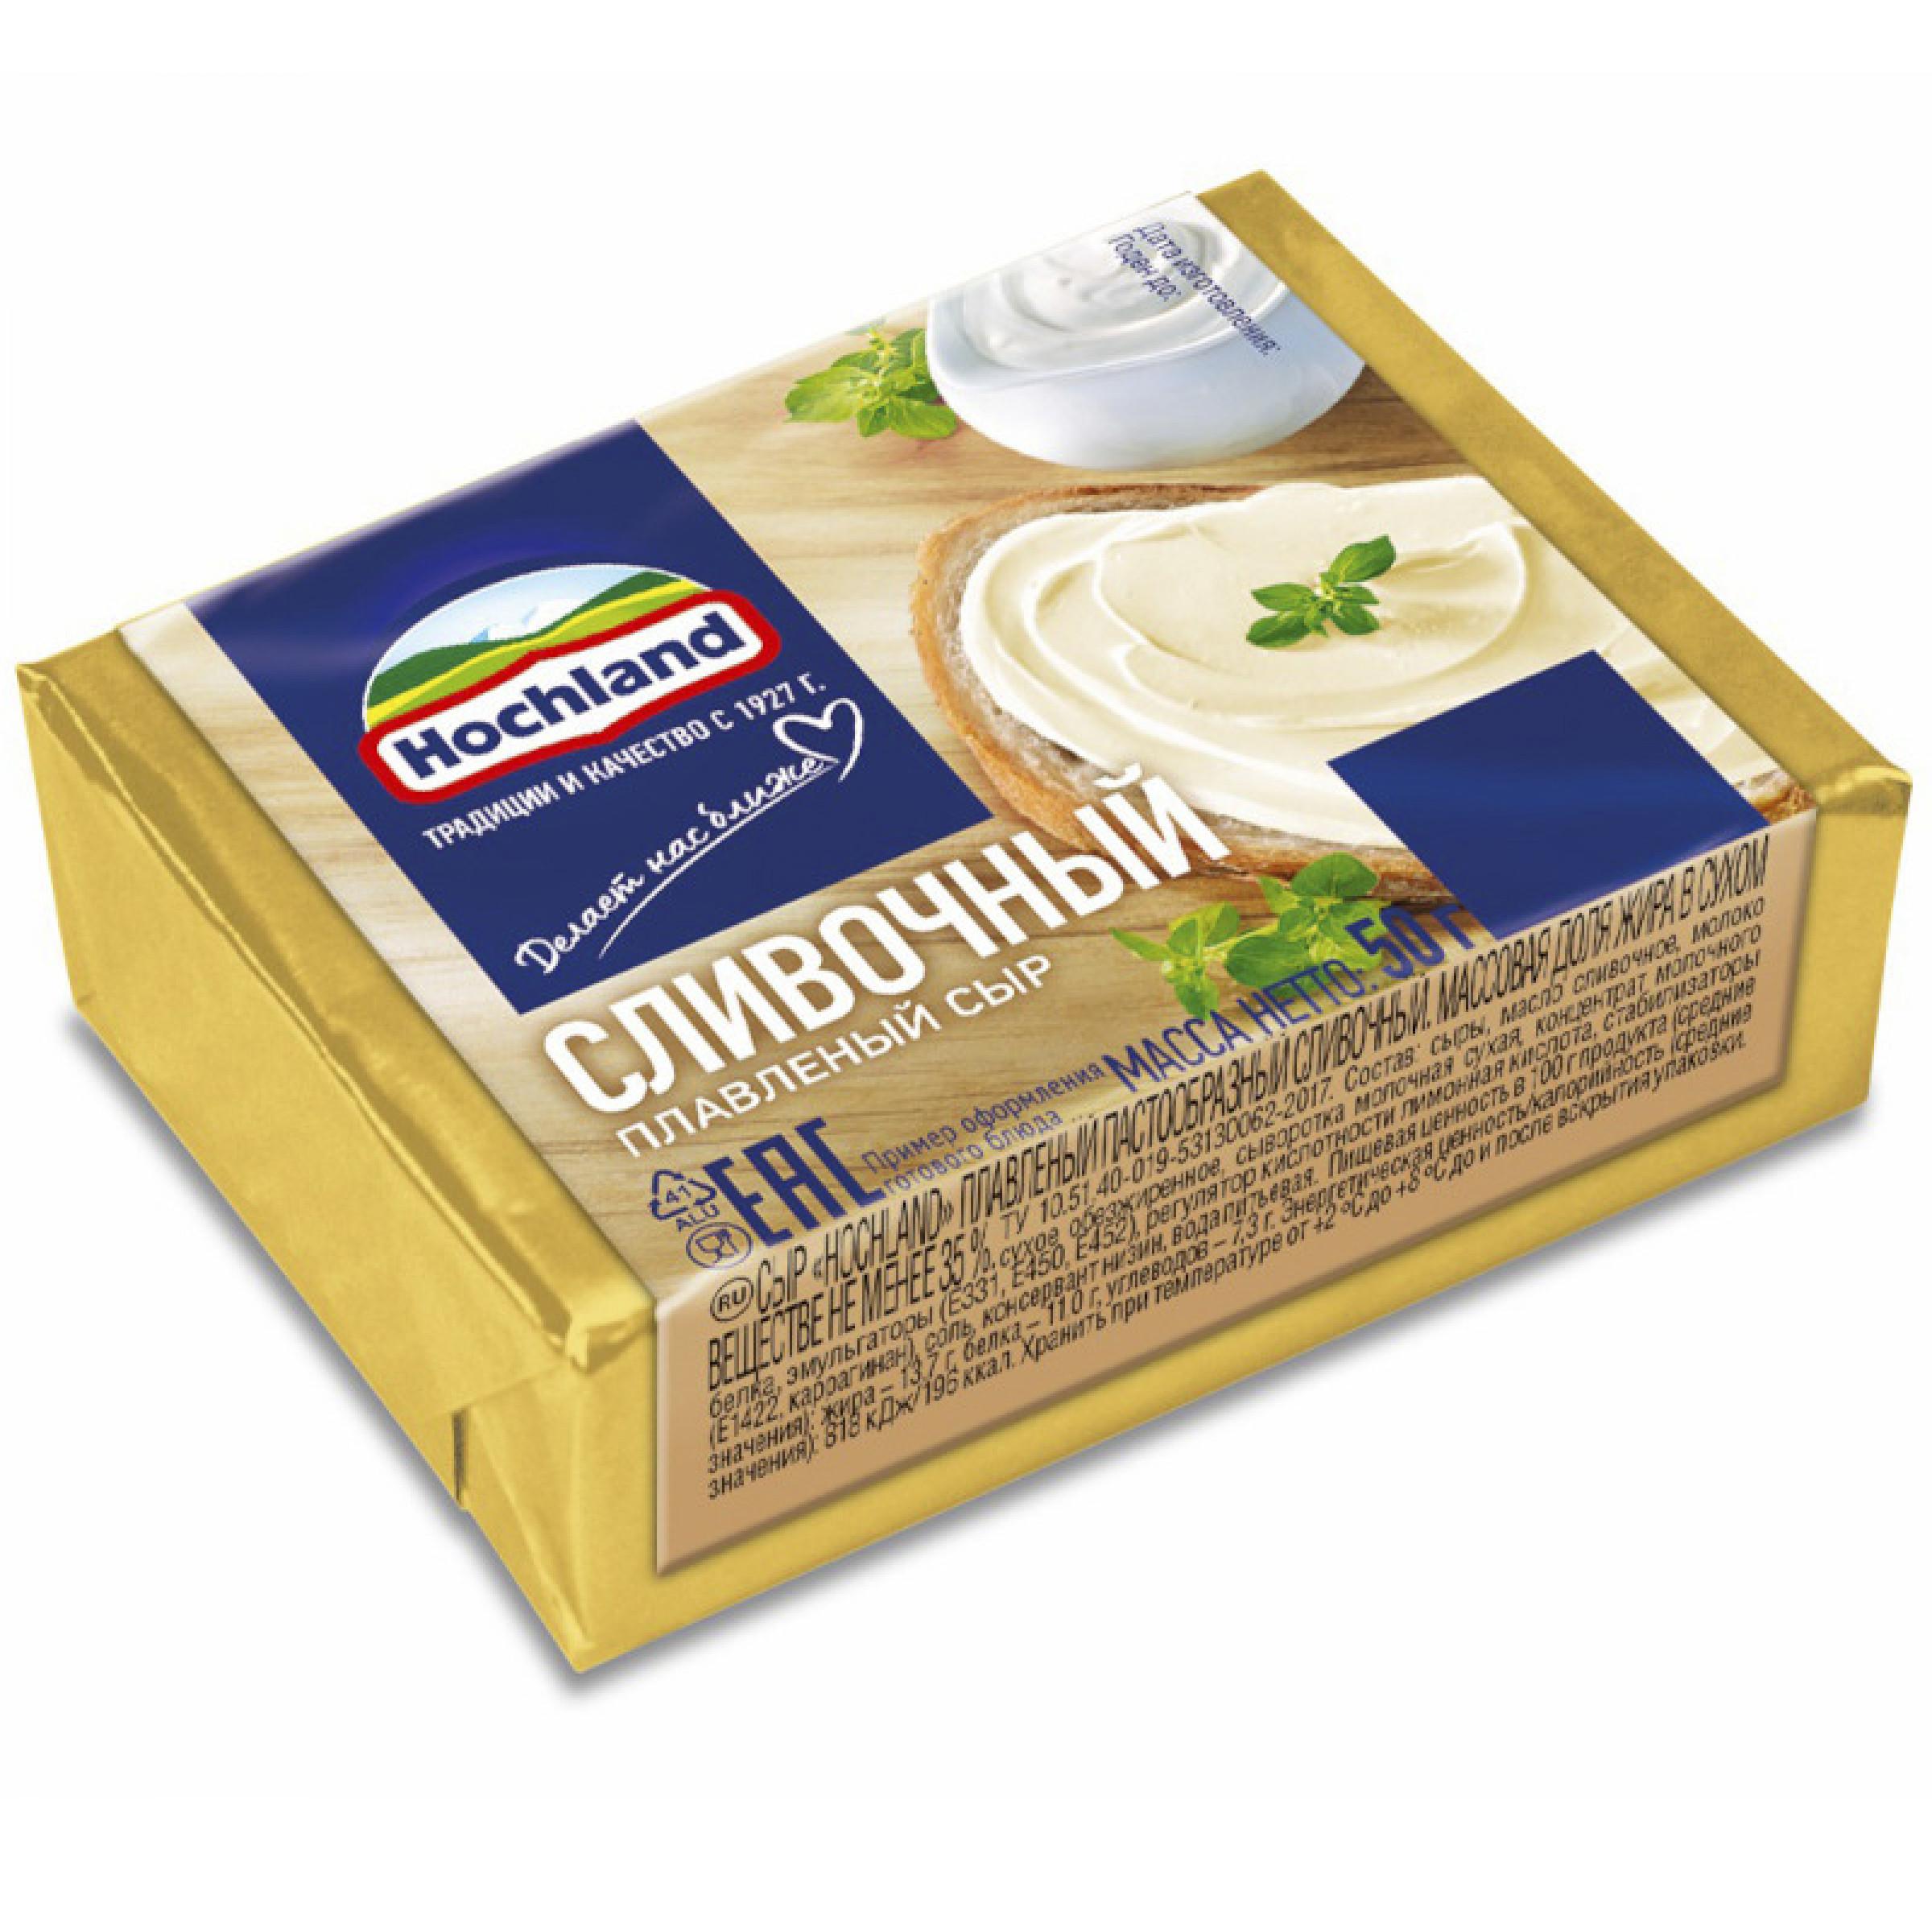 """Сыр """"Hohland"""" нежный плавленный сливочный, 50г"""